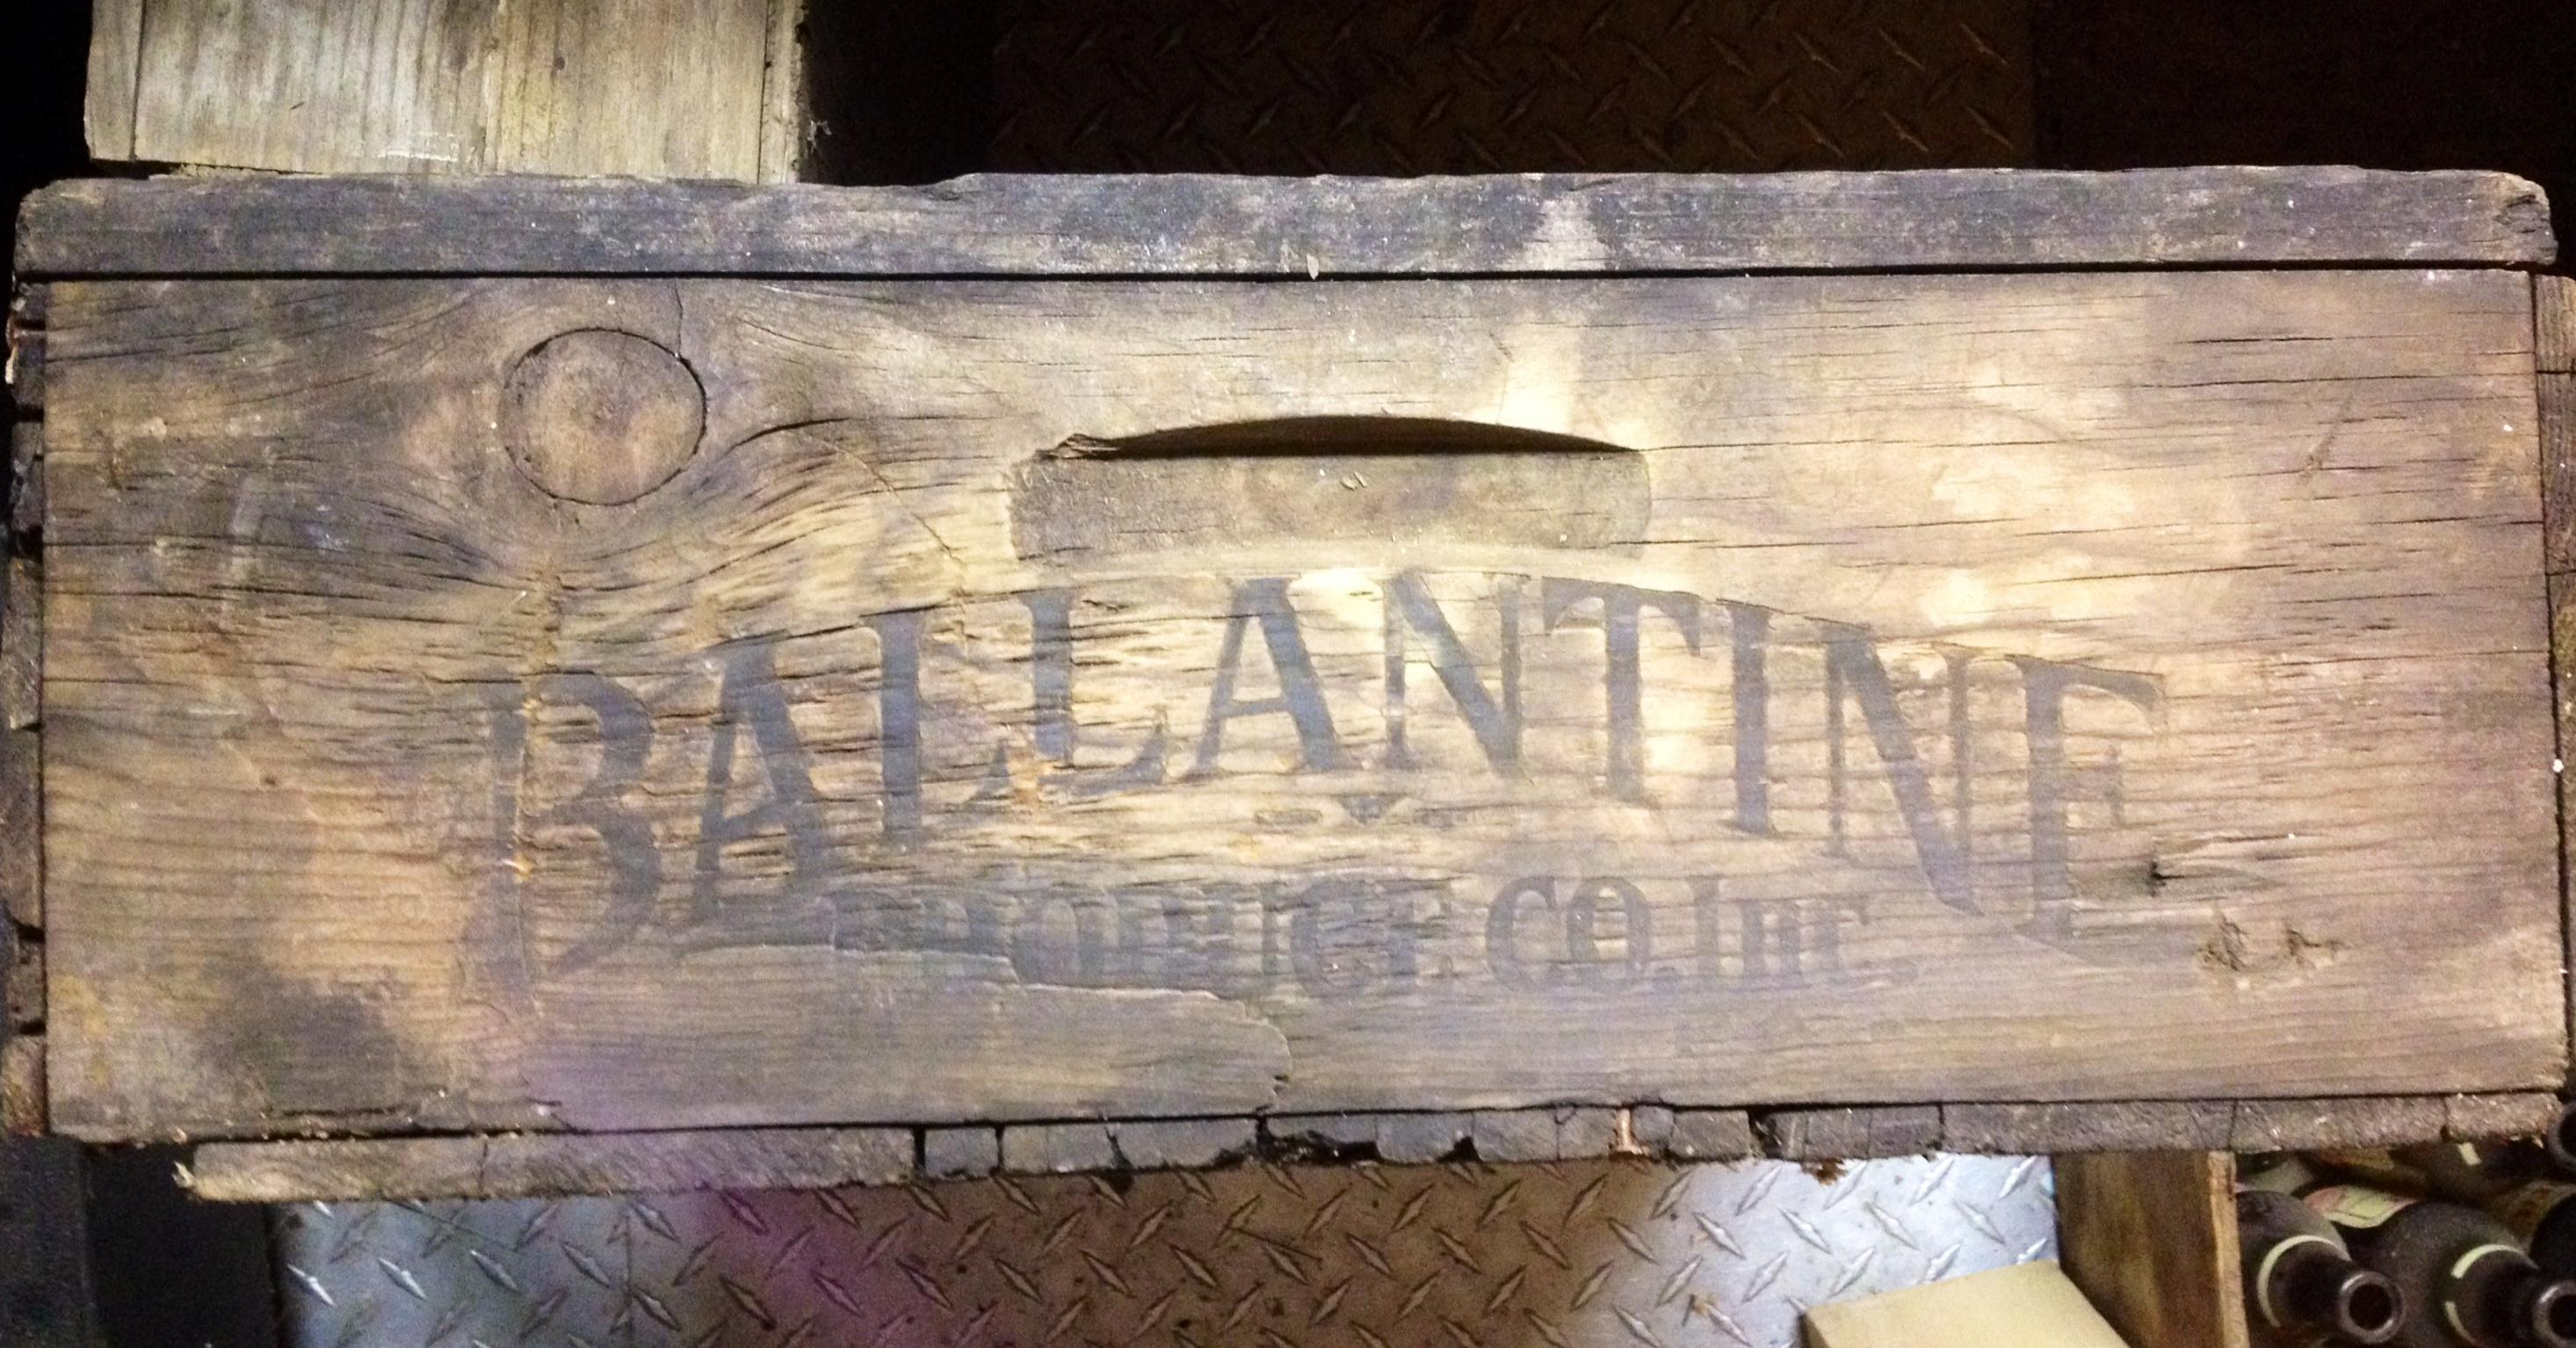 Ballantine.JPG